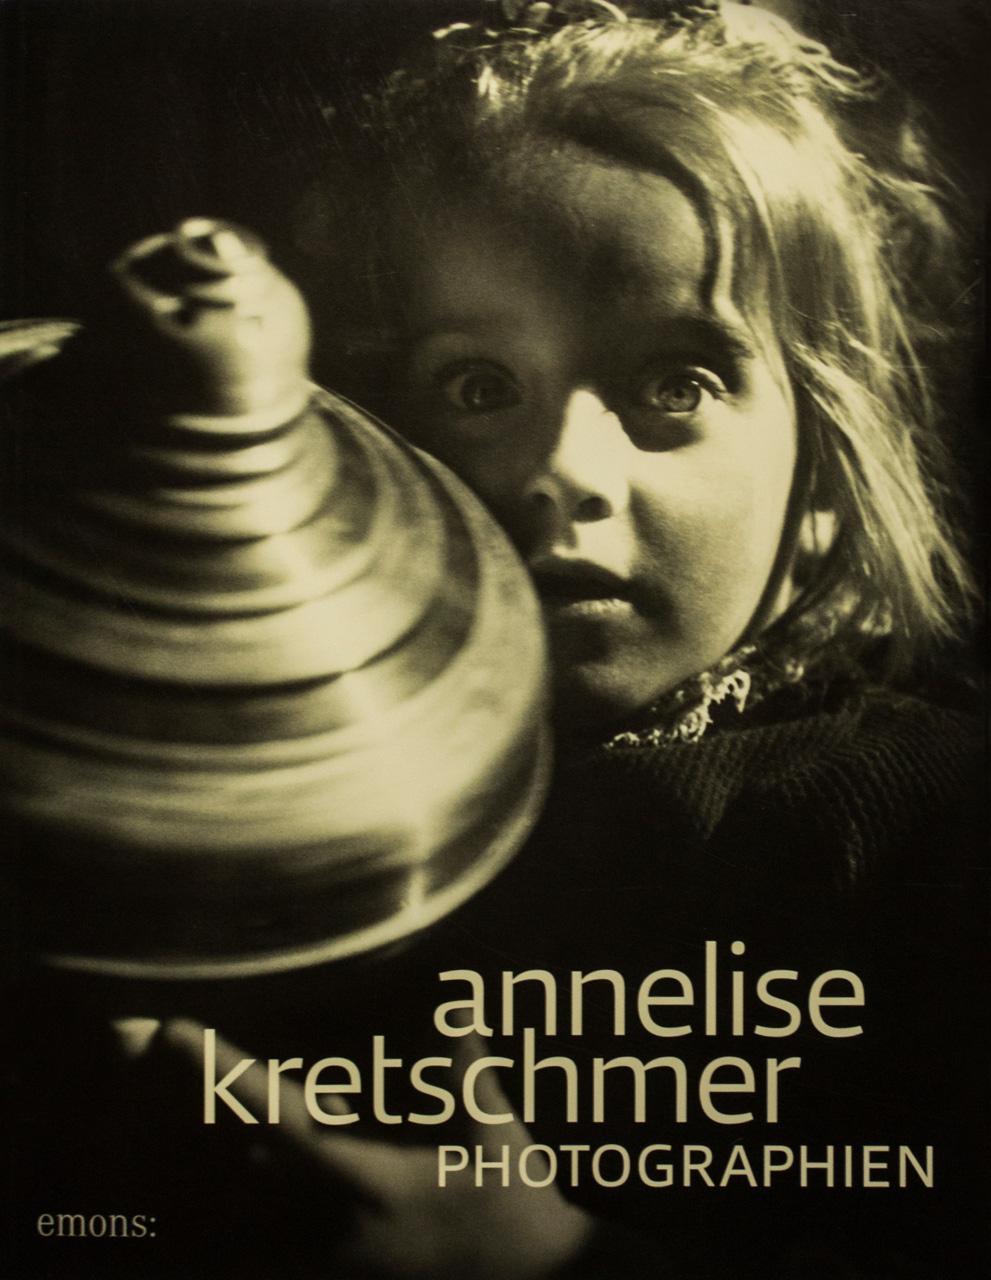 Annelise Kretschmer - Entdeckungen